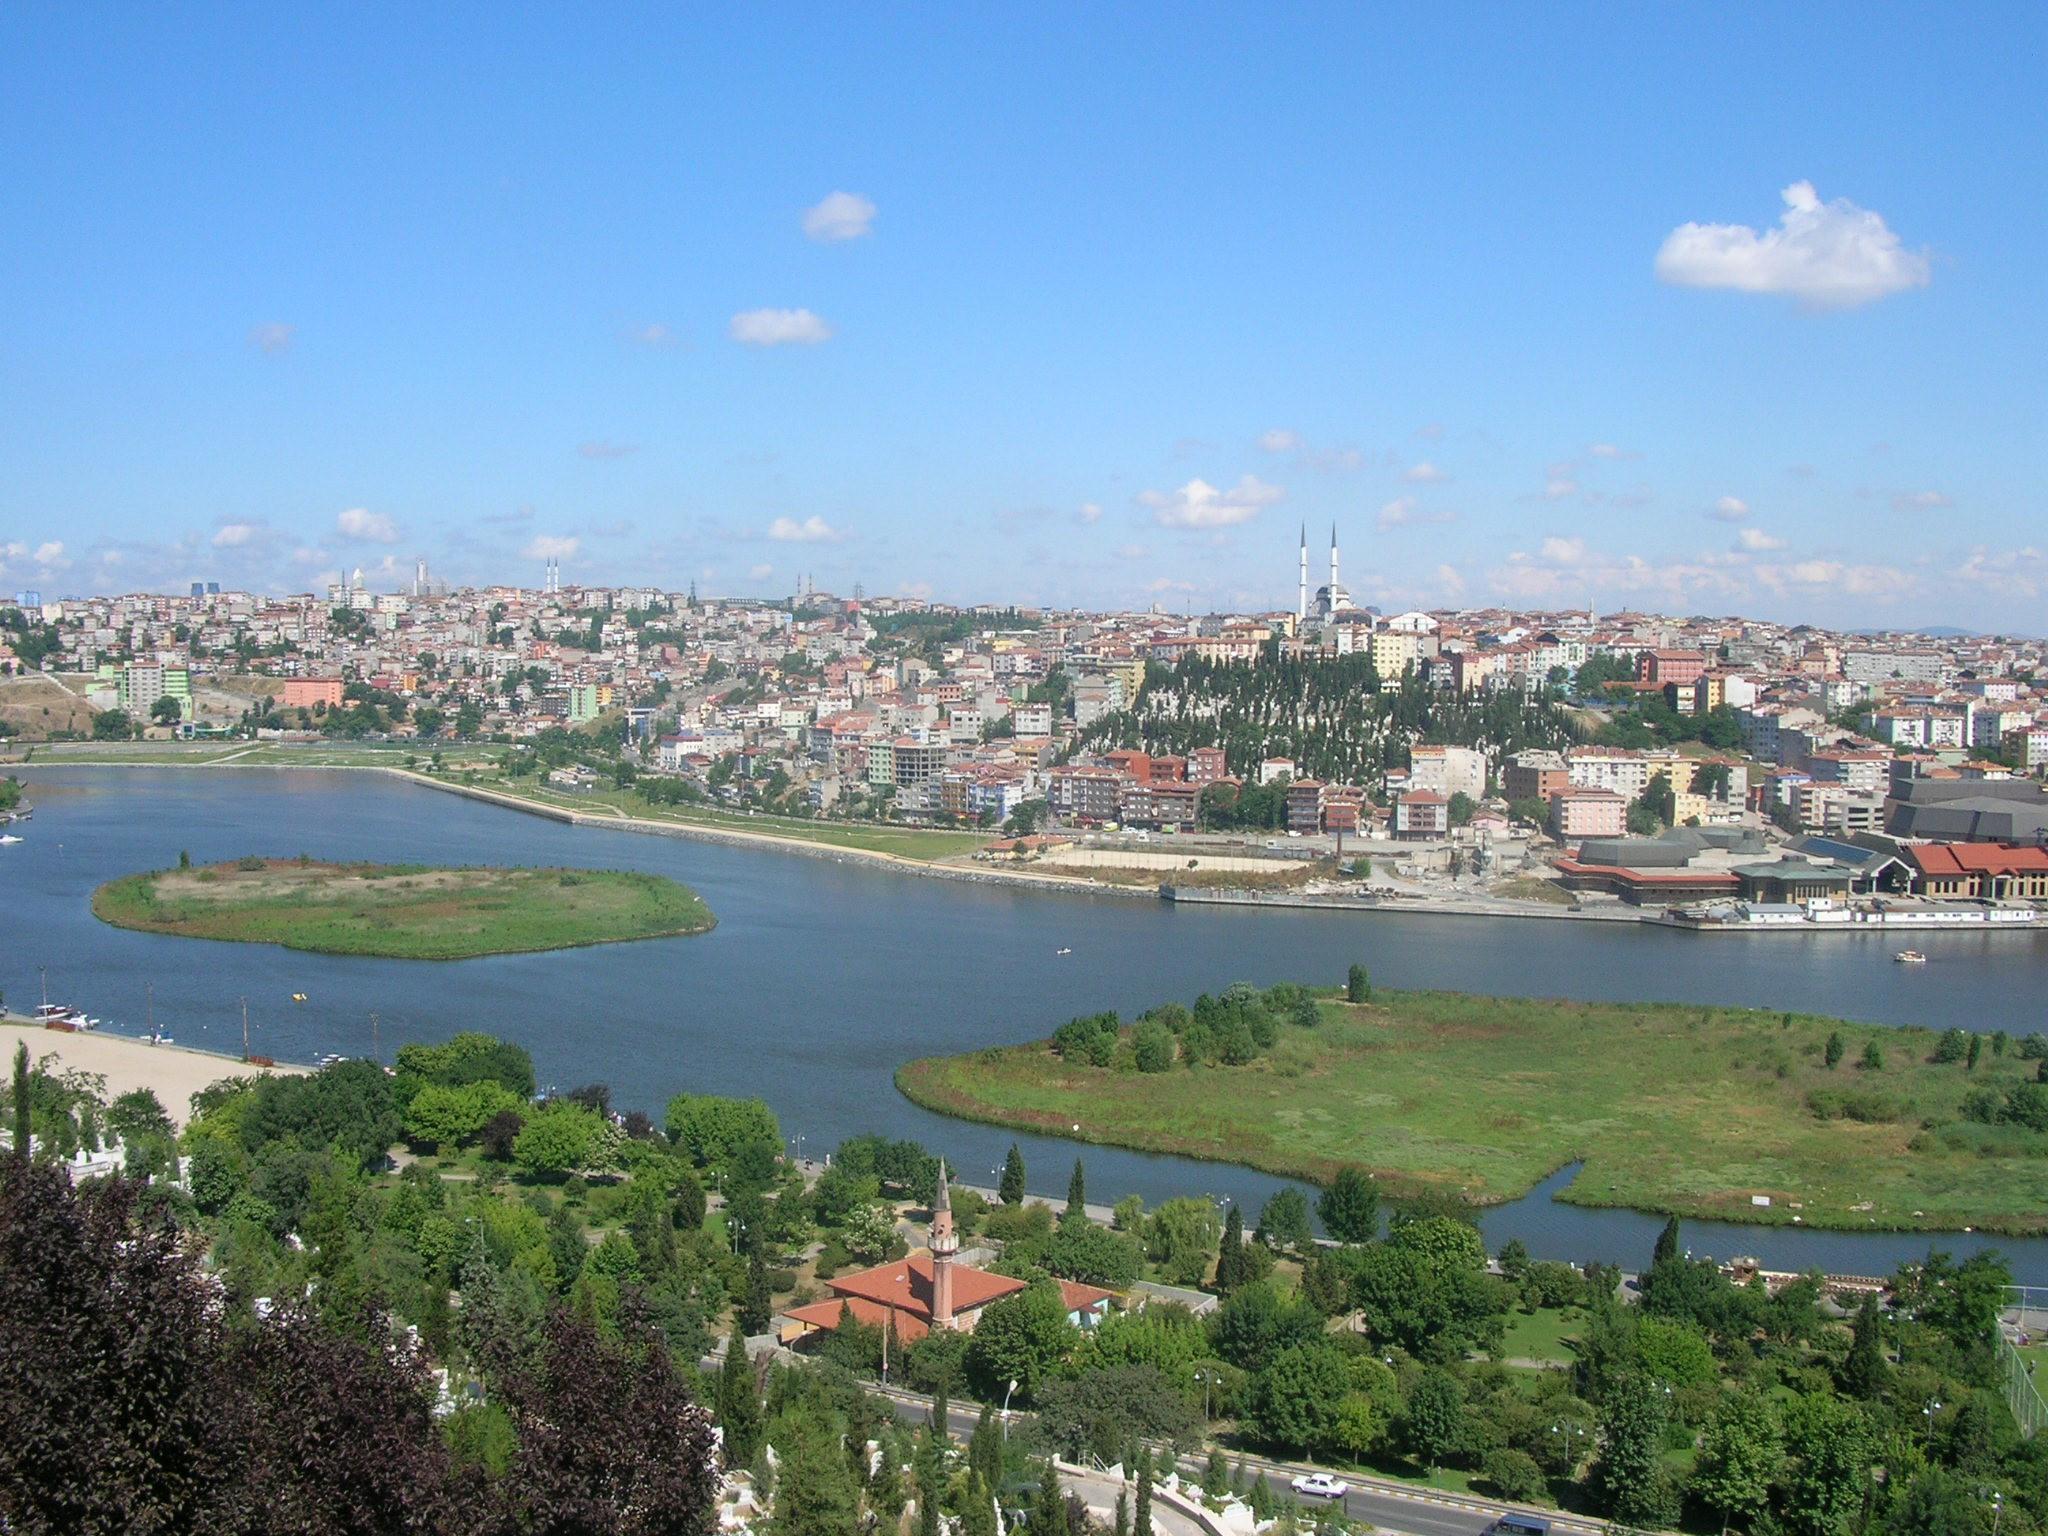 Son dönemlerde popüler olan ve İstanbul'un yakın tarihinin anlatıldığı kitapların yolu mutlaka Haliç'ten geçiyor. Eski ve önemli bir yerleşim yeri olan Haliç'i gezerken kitaplarda anlatılan sokaklar, evler, hatta parke taşlarını bile bulmak mümkün. İstanbul'da günlük gezi yapmak isteyenler için sırasıyla bir kıyısında Eminönü, Unkapanı, Cibali, Fener, Balat, Ayvansaray, Eyüp, Silahtar, Hasköy, Sütlüce, Halıcıoğlu, Alibeyköy diğer kıyısında Karaköy, Kasımpaşa birbirinden ilginç ve sahici yaşam alanlarıyla bizi bekliyor.